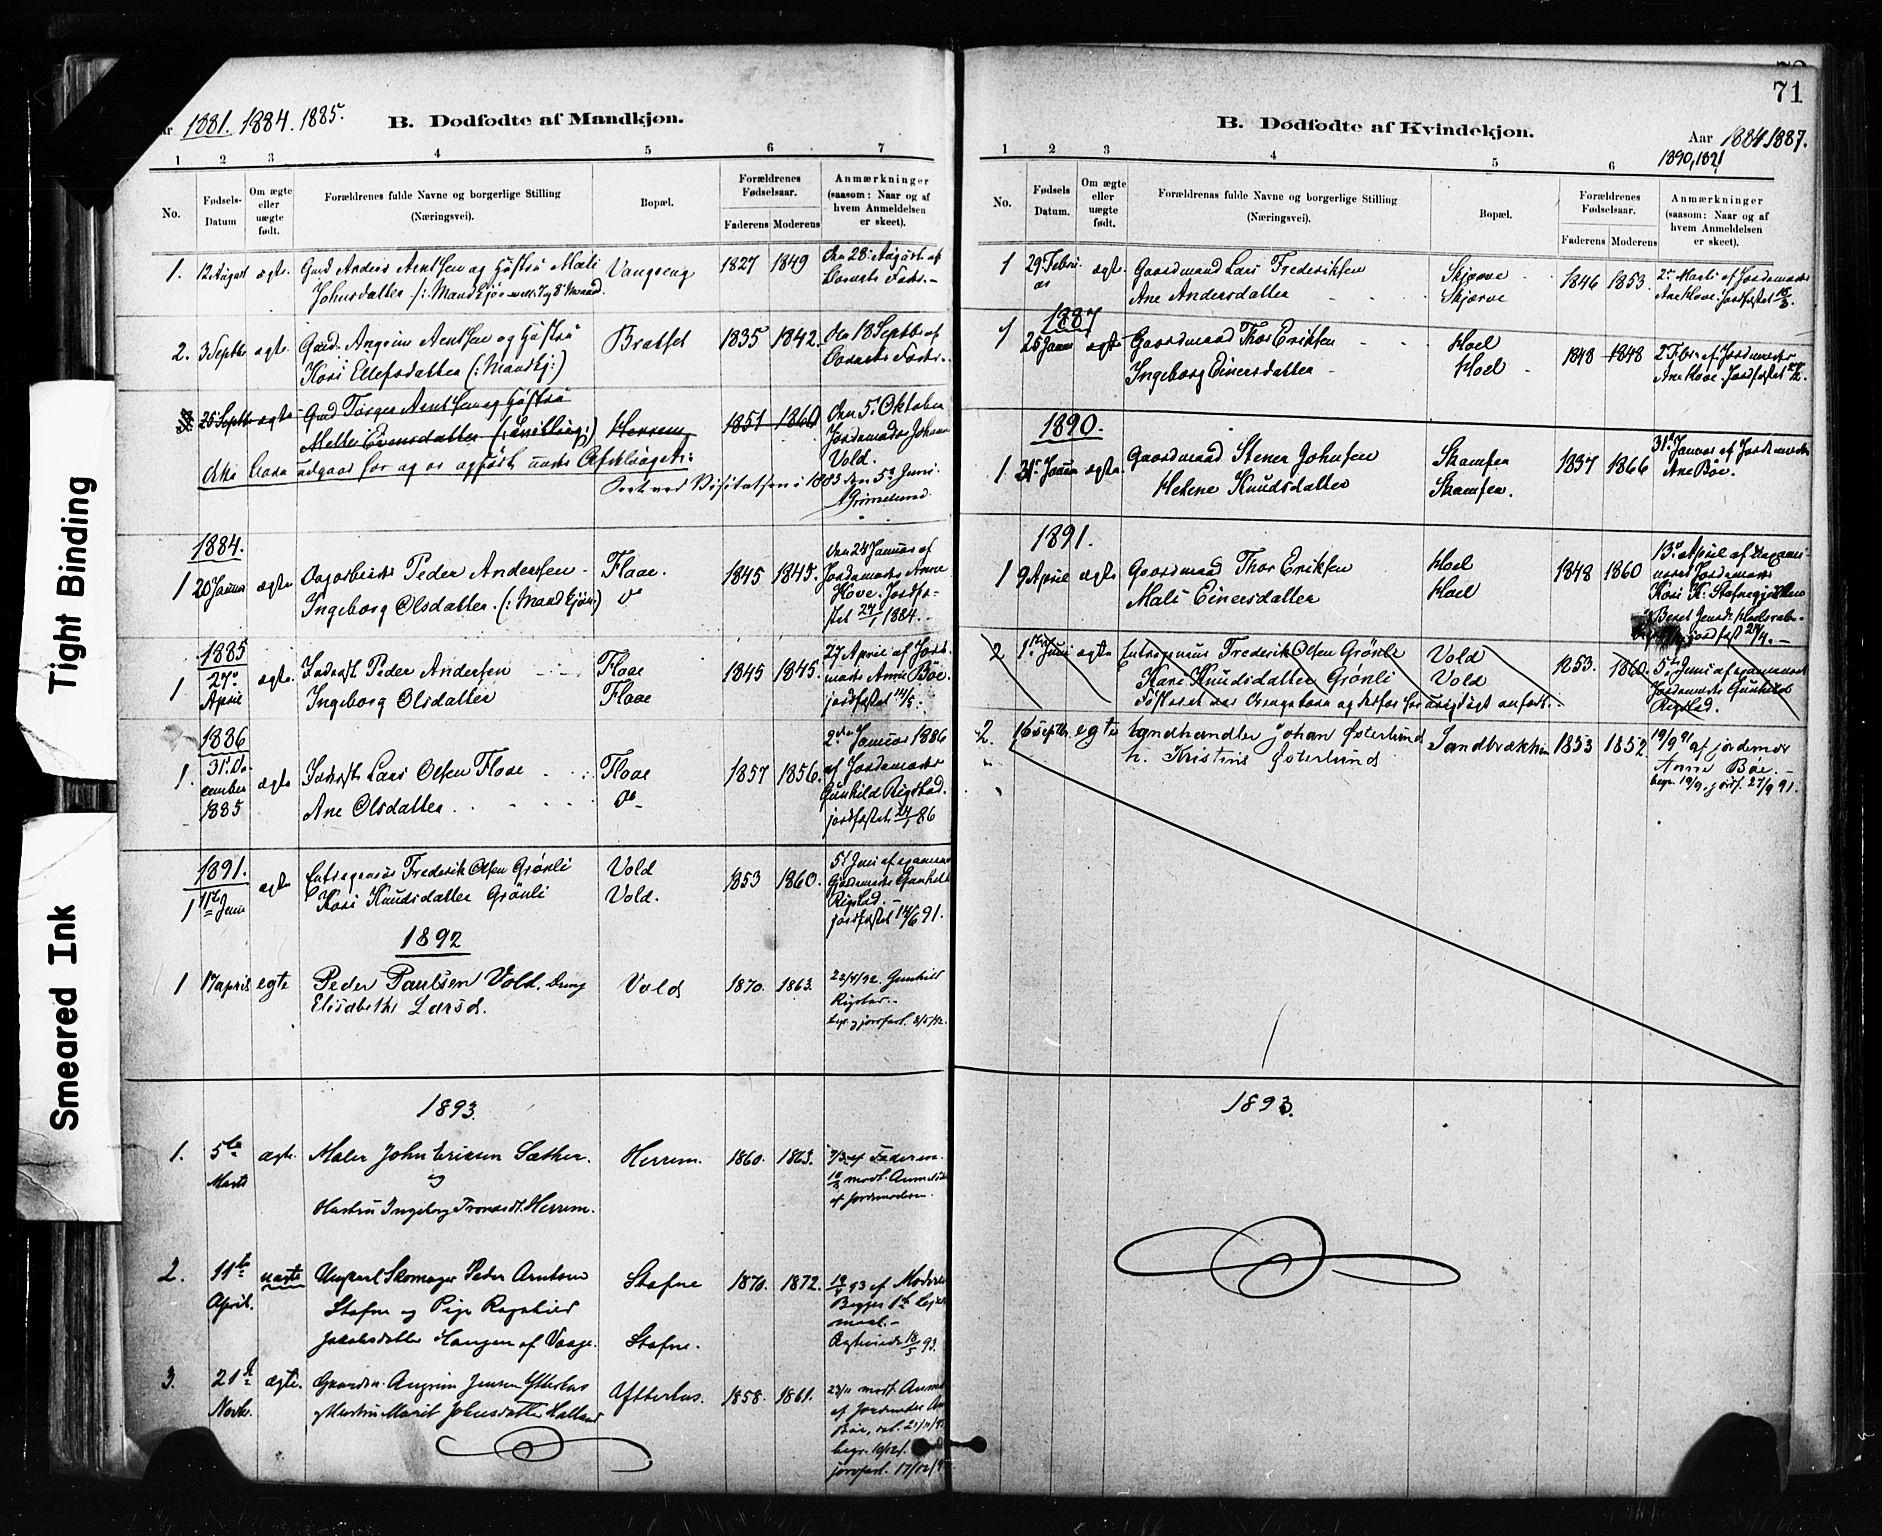 SAT, Ministerialprotokoller, klokkerbøker og fødselsregistre - Sør-Trøndelag, 674/L0871: Ministerialbok nr. 674A03, 1880-1896, s. 71